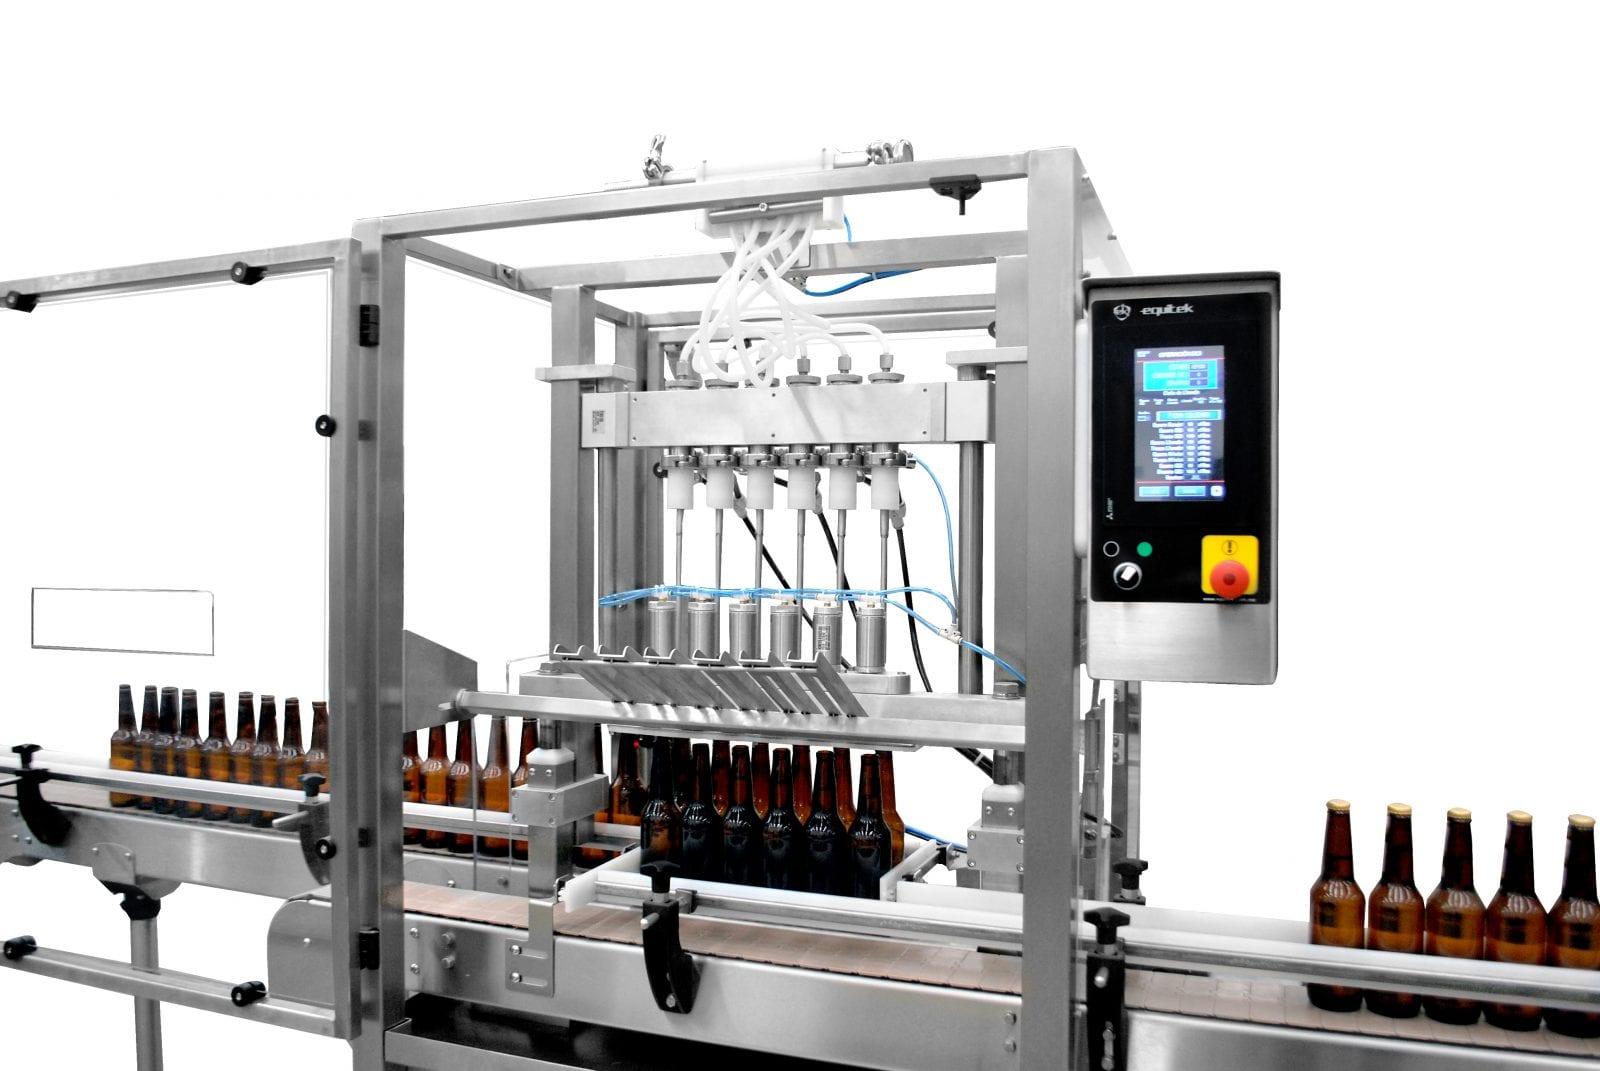 DCI- envasadora de cerveza fabricantes - Equitek